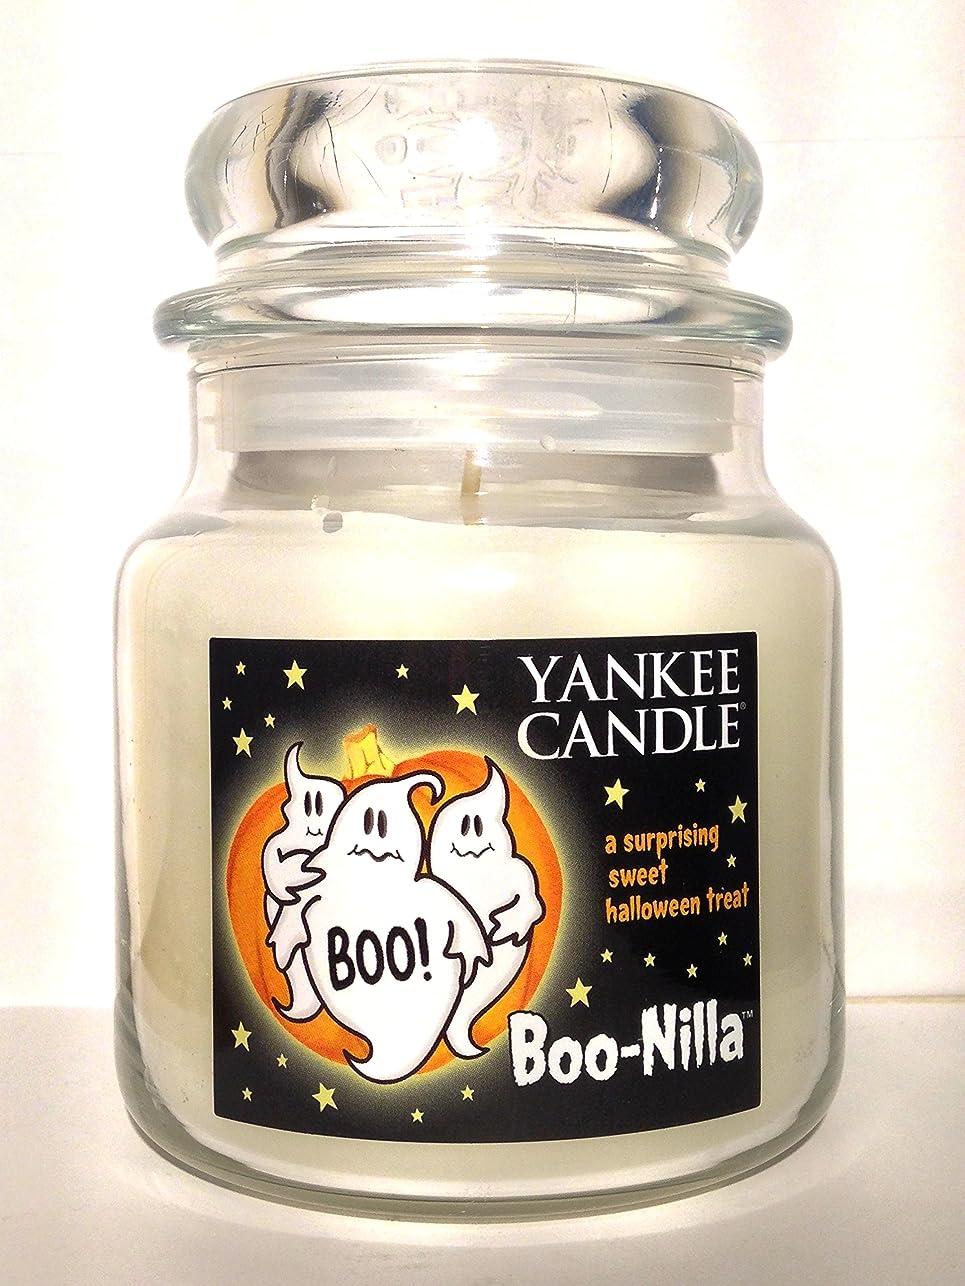 ベンチ等民間Yankee Candle boo-nilla Boonilla Vanilla Marshmallow香りHalloween Candle